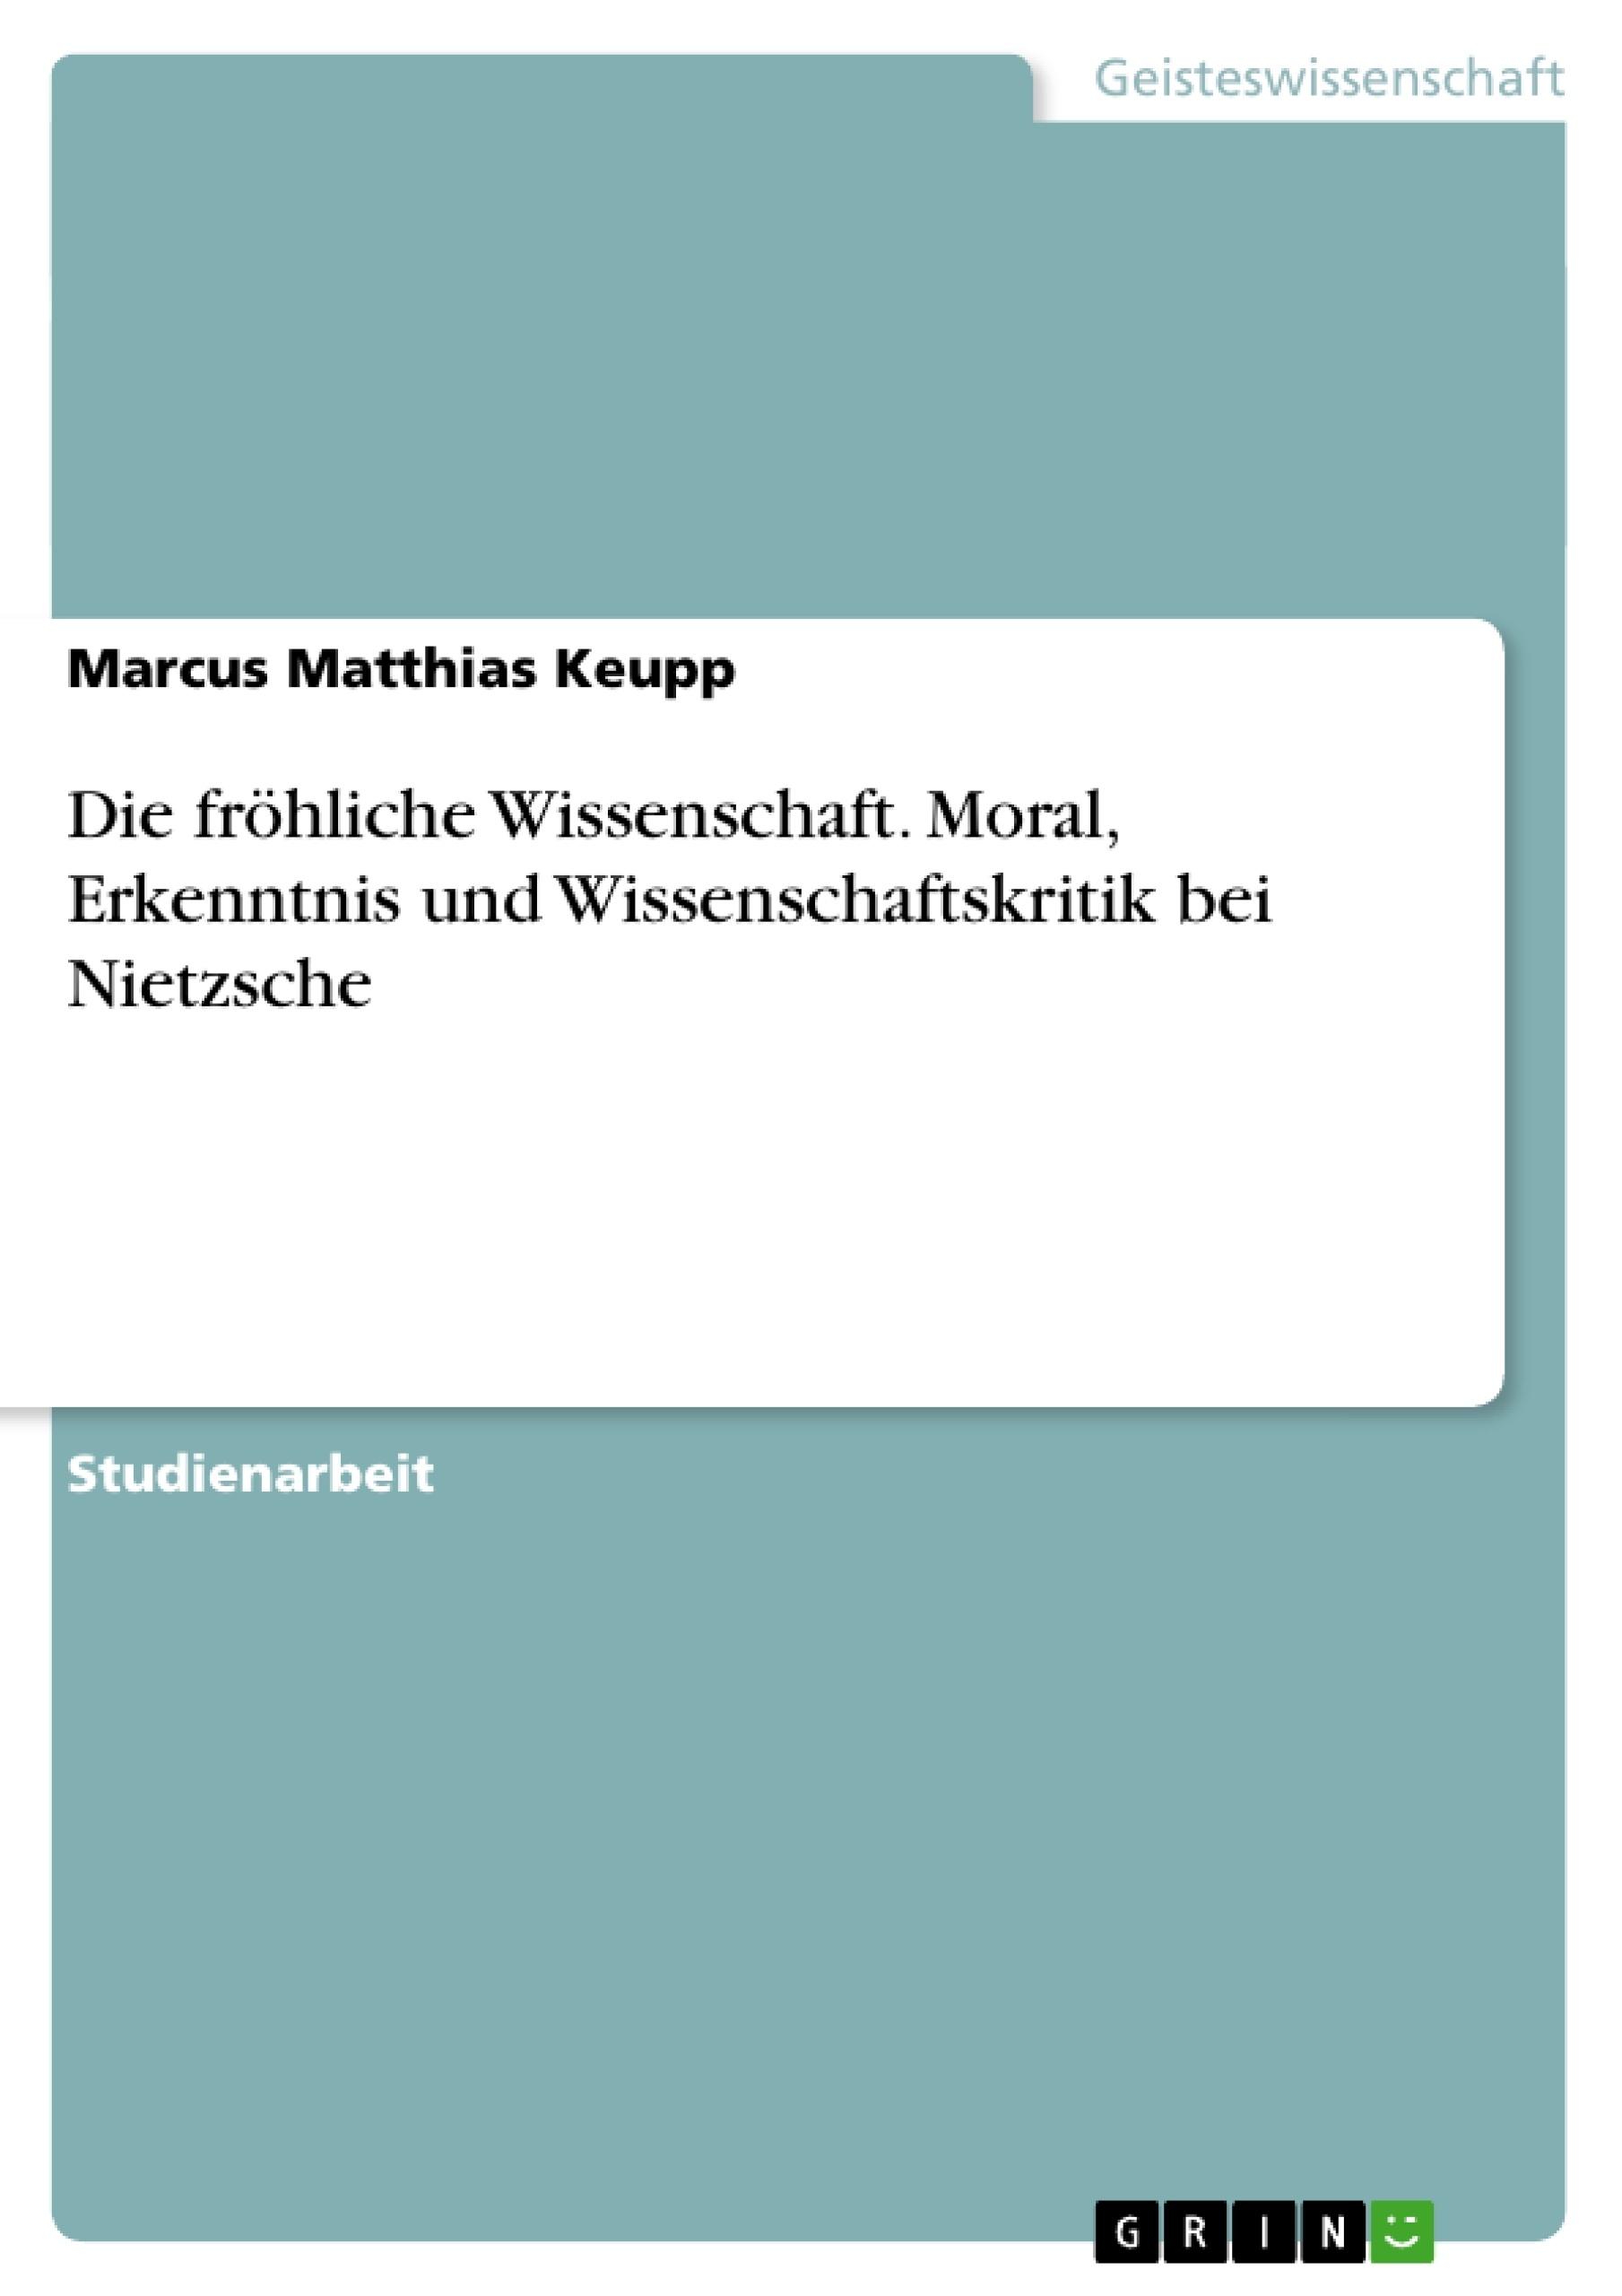 Titel: Die fröhliche Wissenschaft. Moral, Erkenntnis und Wissenschaftskritik bei Nietzsche